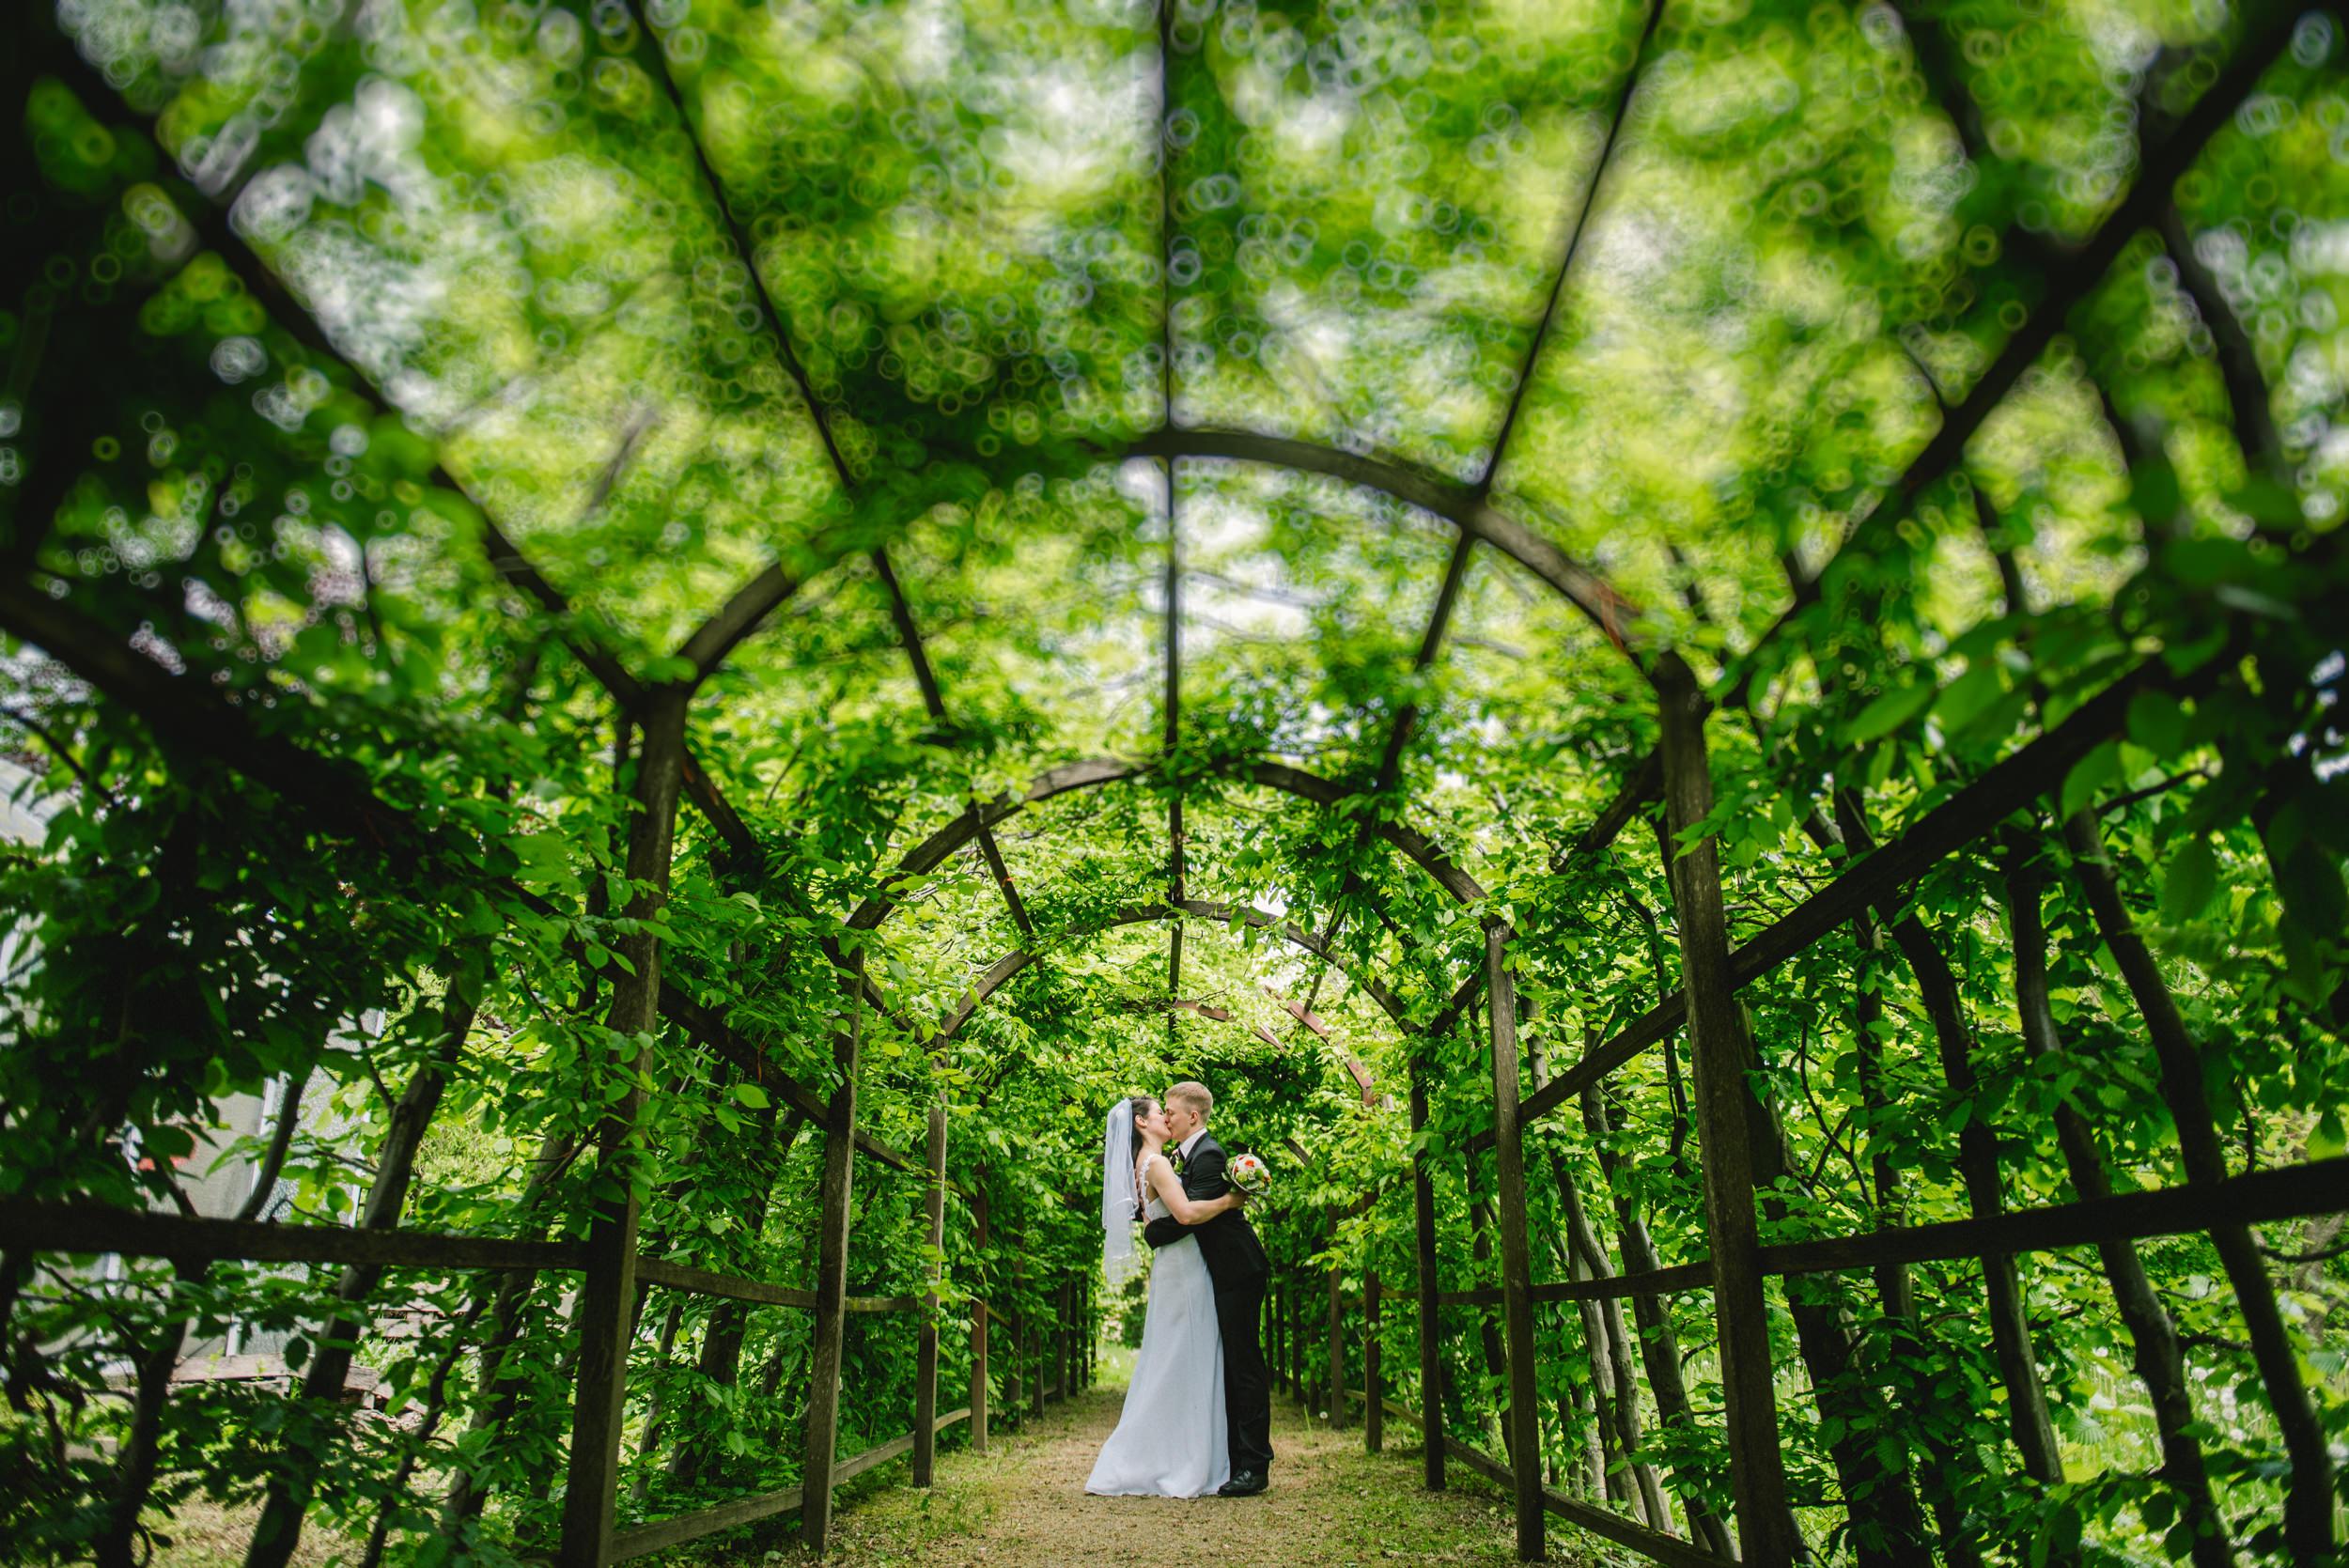 Paul_Glaser_Hochzeitsfotograf-9